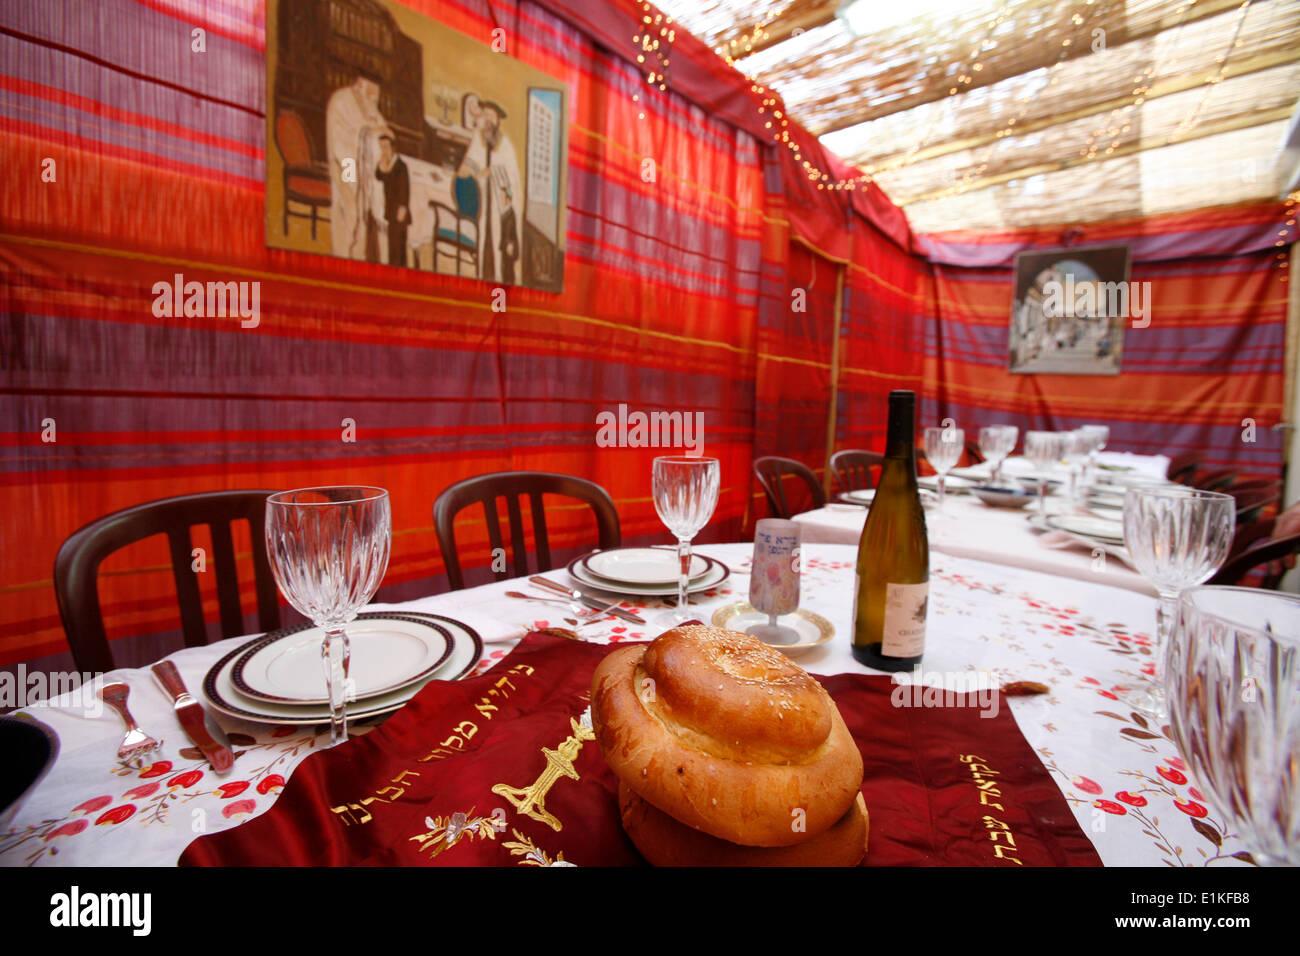 Jewish sukkot celebration. - Stock Image